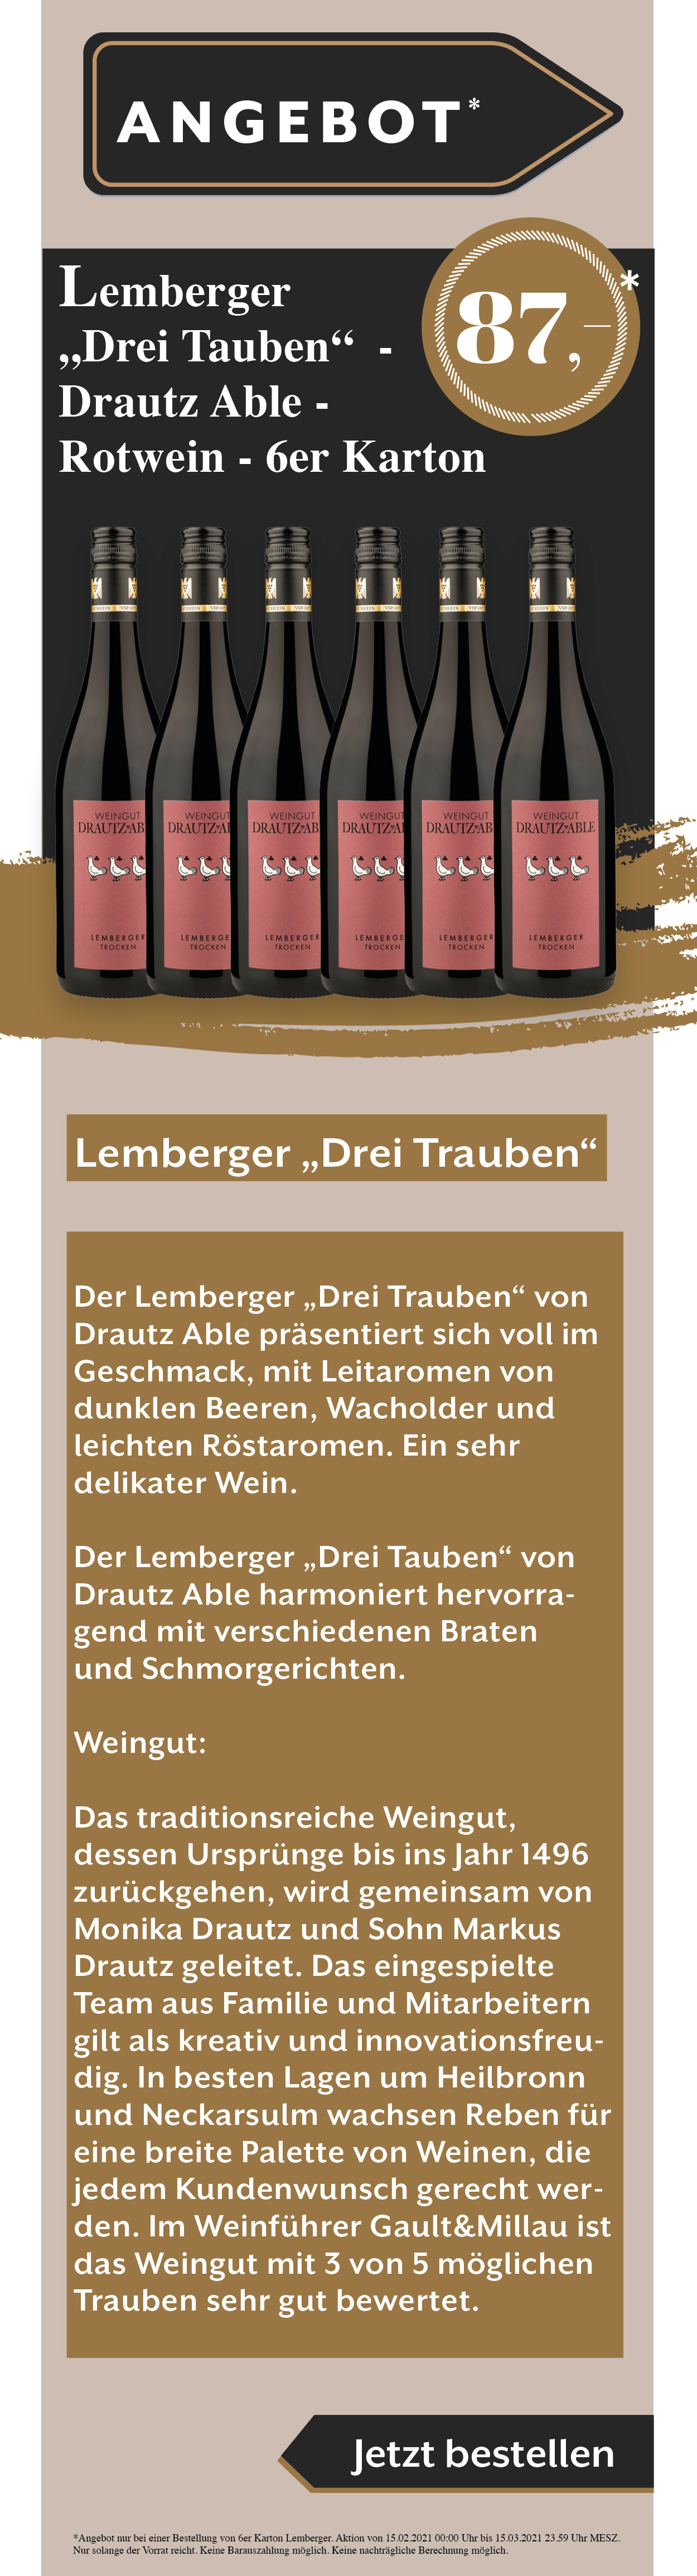 Wein Lemberger Angebot Rabatt Weißwein Rotwein Rose drei Trauben drautz able